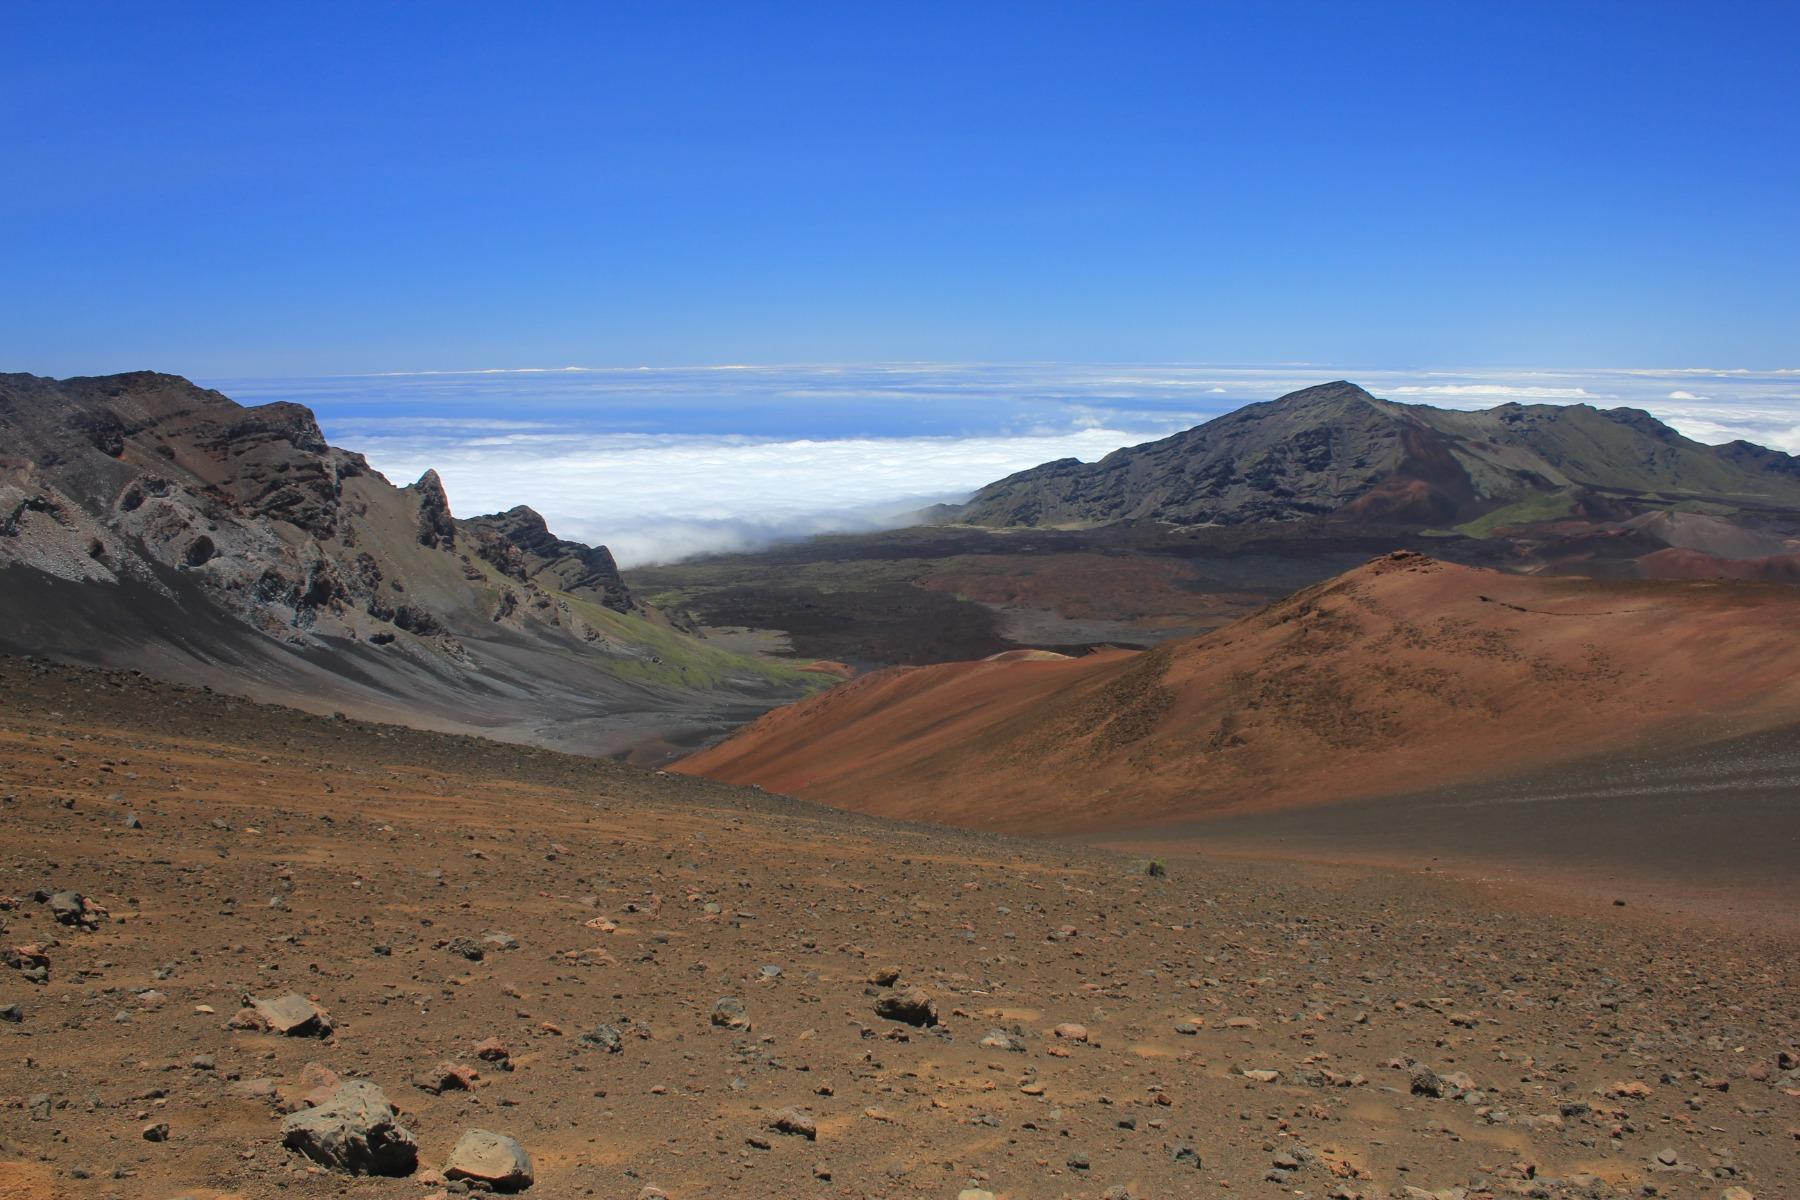 hawaii08-1614357425.jpg